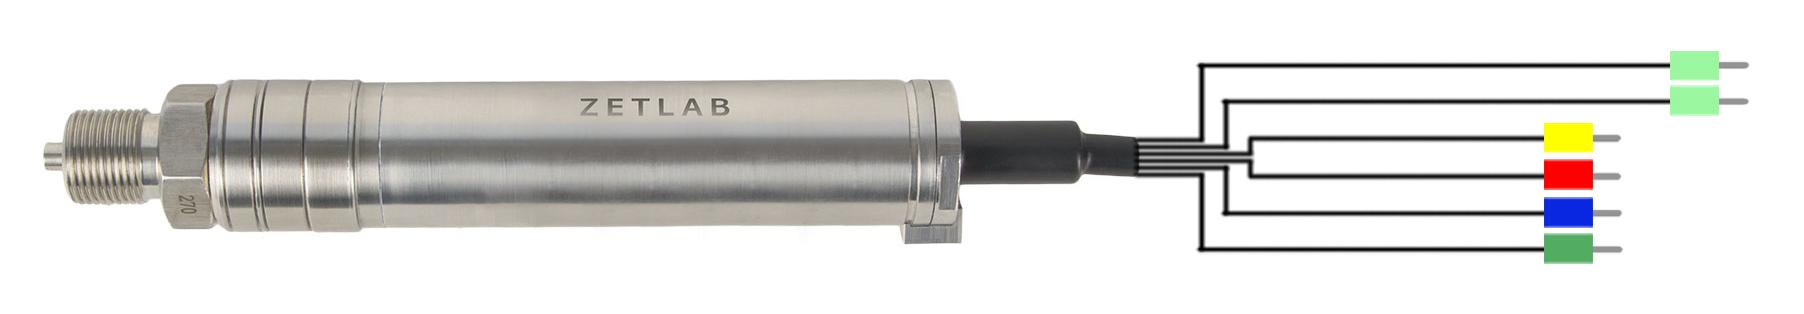 Обозначение проводов датчиков давления RS485